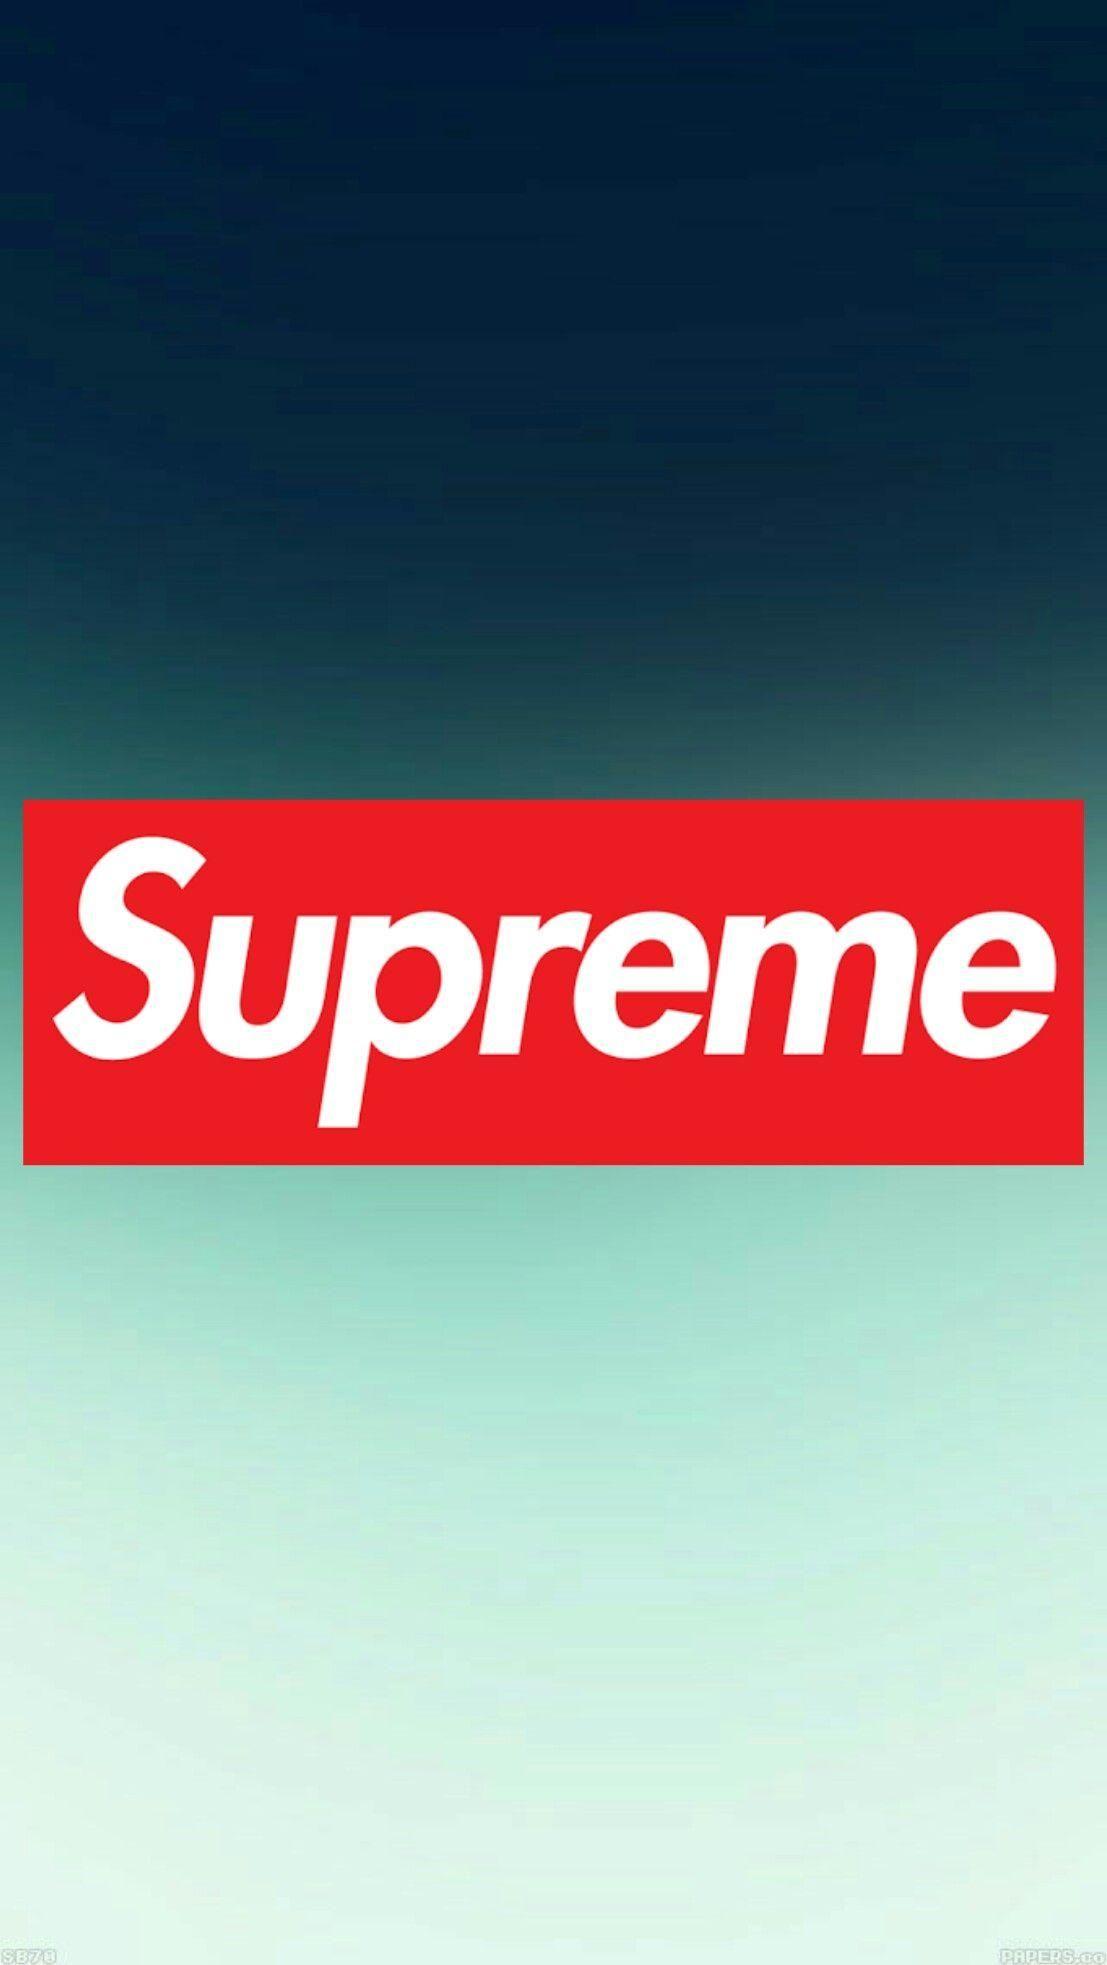 Mobile Supreme Wallpaper Supreme Wallpaper Supreme Iphone Wallpaper Supreme Wallpaper Hd